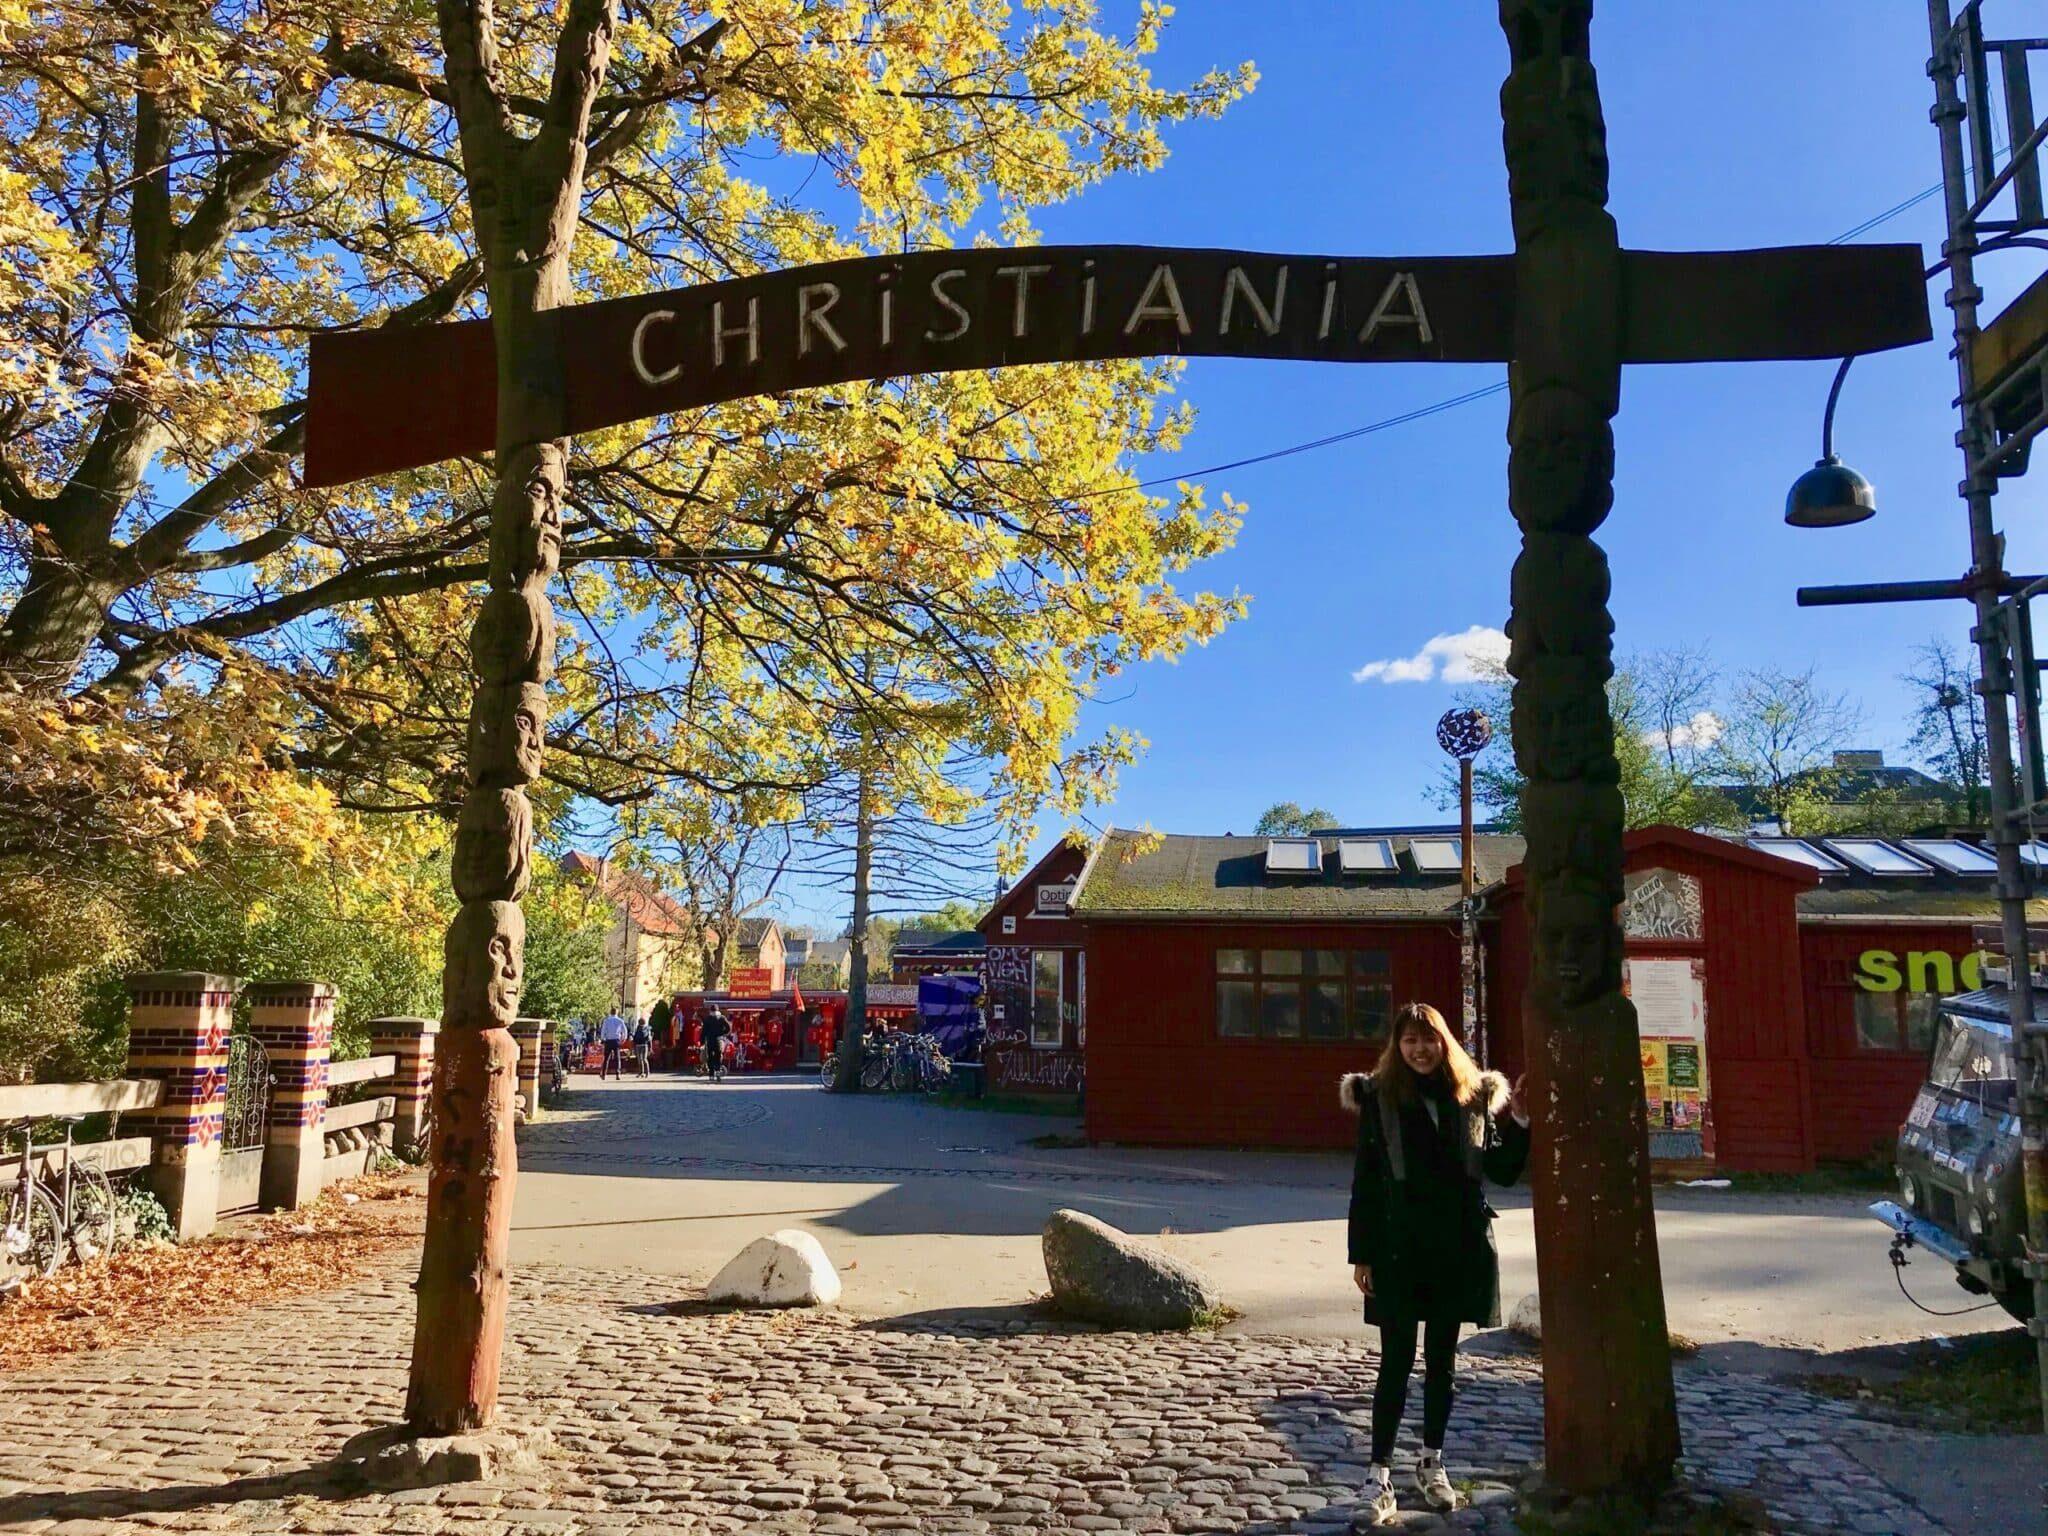 The Colourful Copenhagen